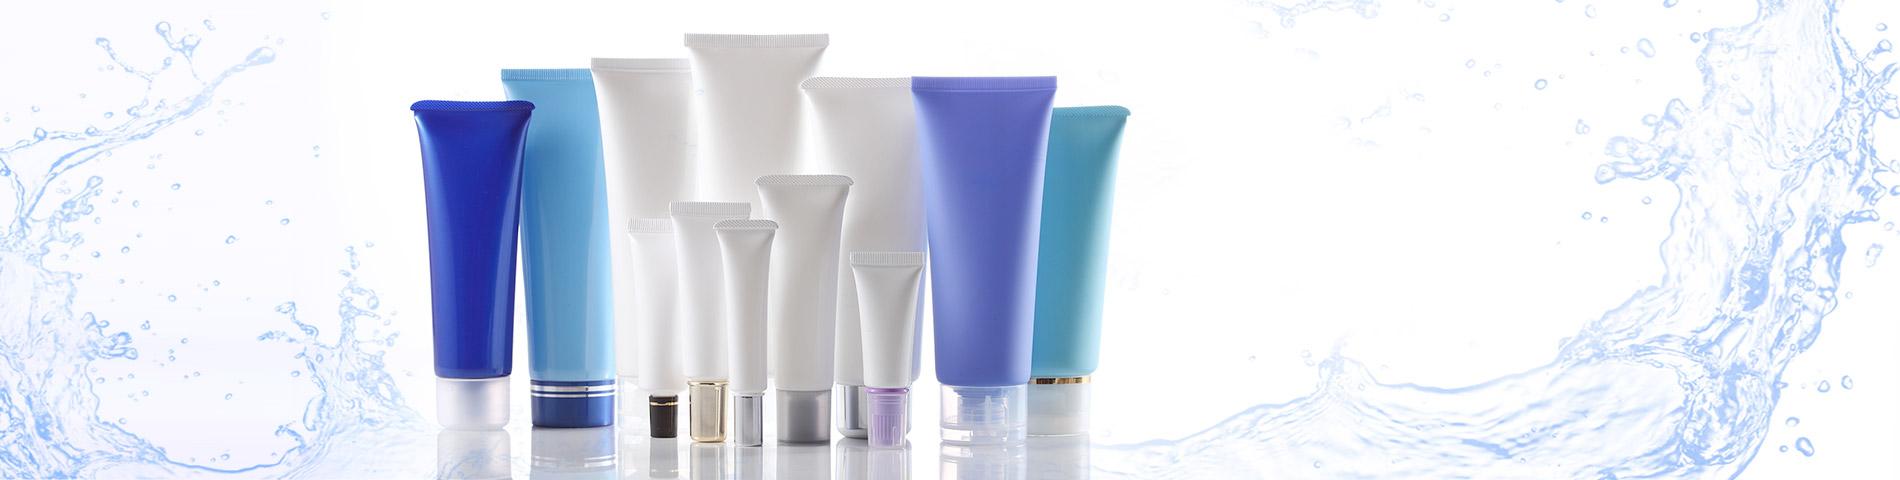 Pakar OEM untuk tabung kosmetik